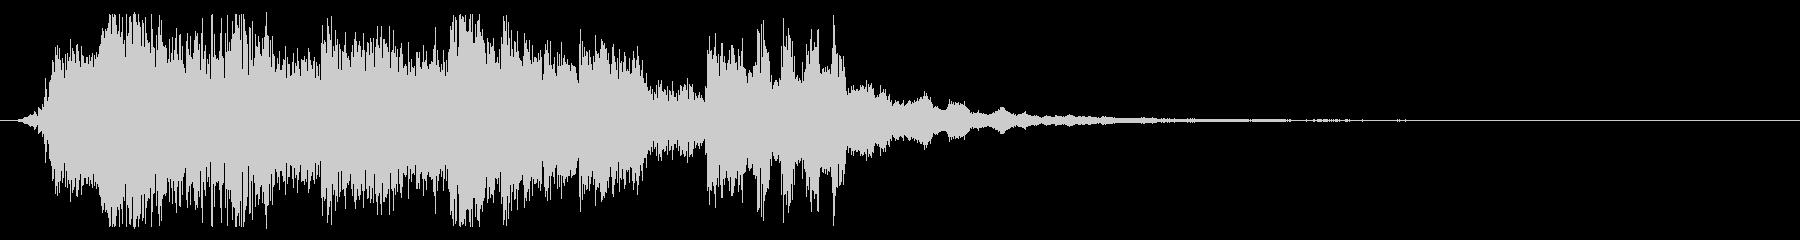 ジングル ダブステップ EDMの未再生の波形